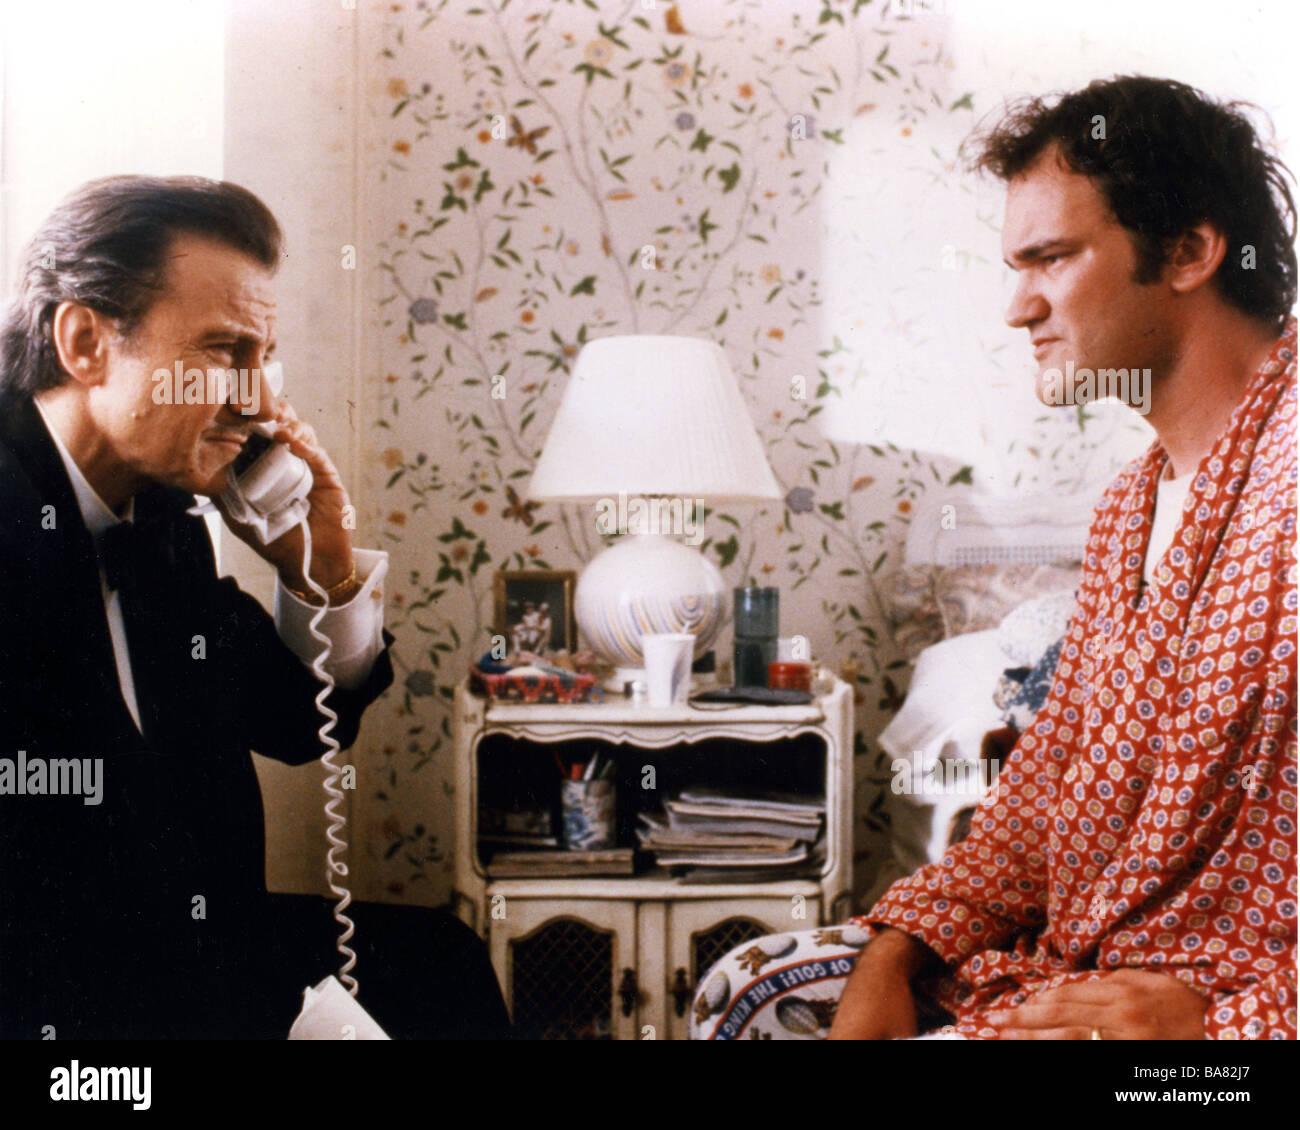 PULP FICTION 1994 Buena Vista film con Harvey Keitel a sinistra e Quentin Tarantino Foto Stock